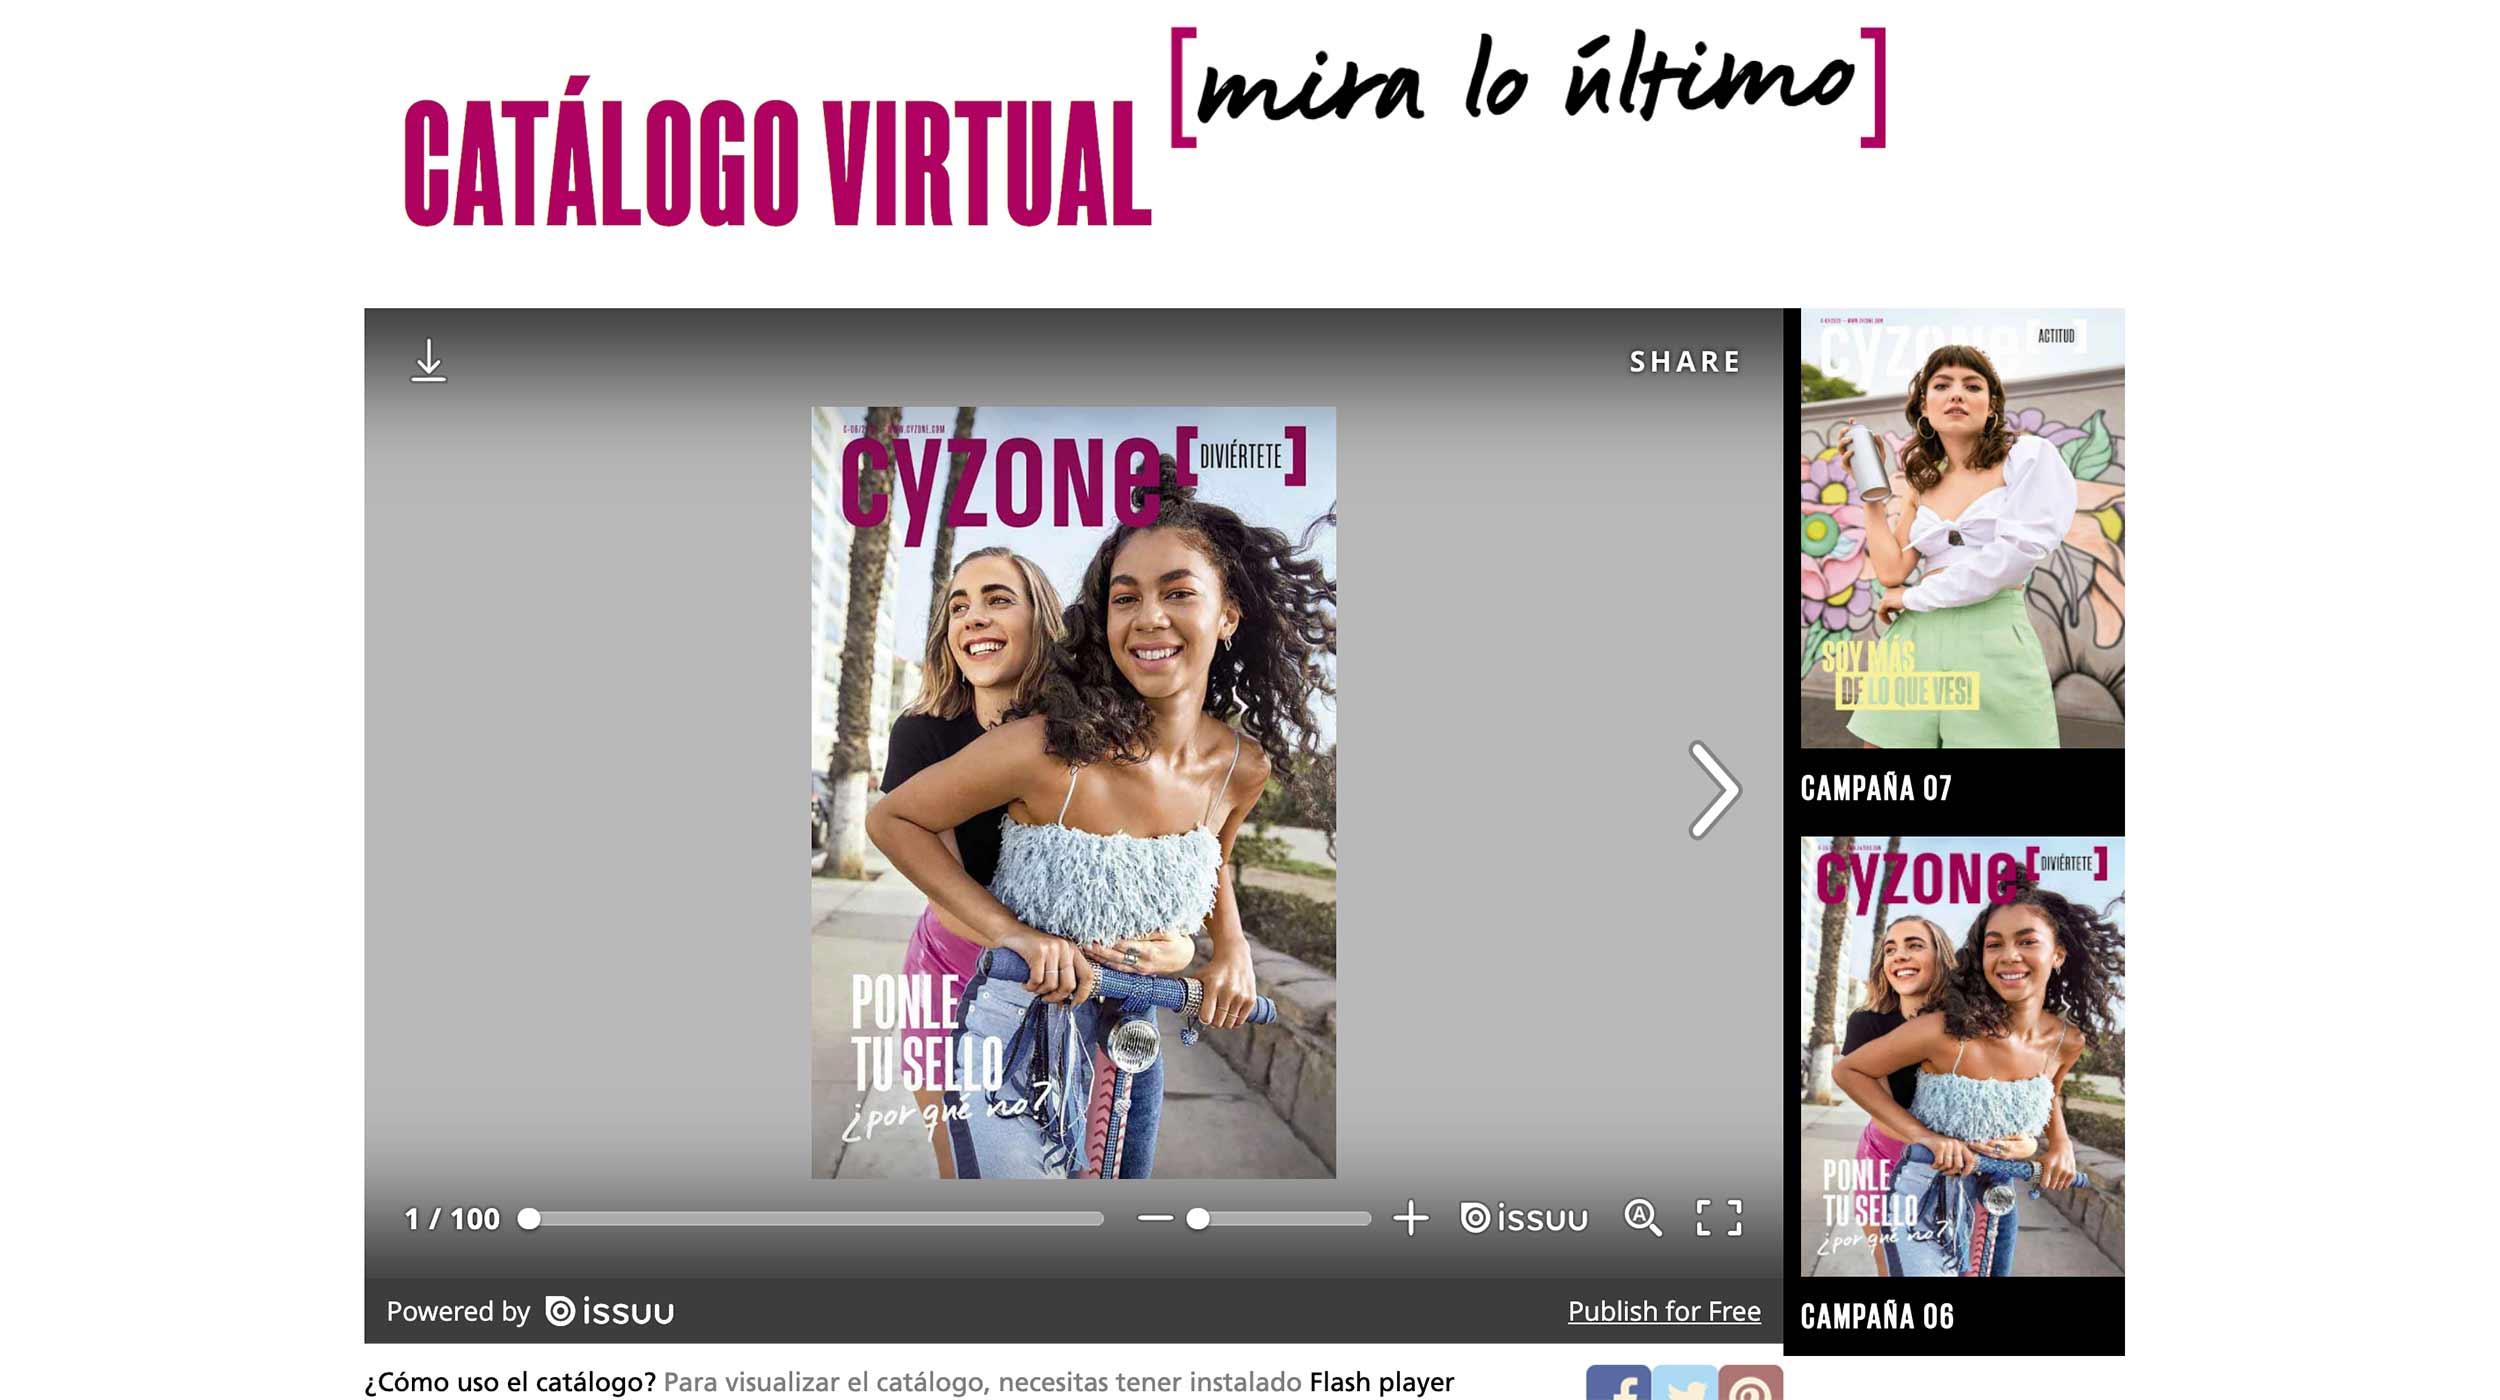 Posicionamiento de marca. Catálogo virtual